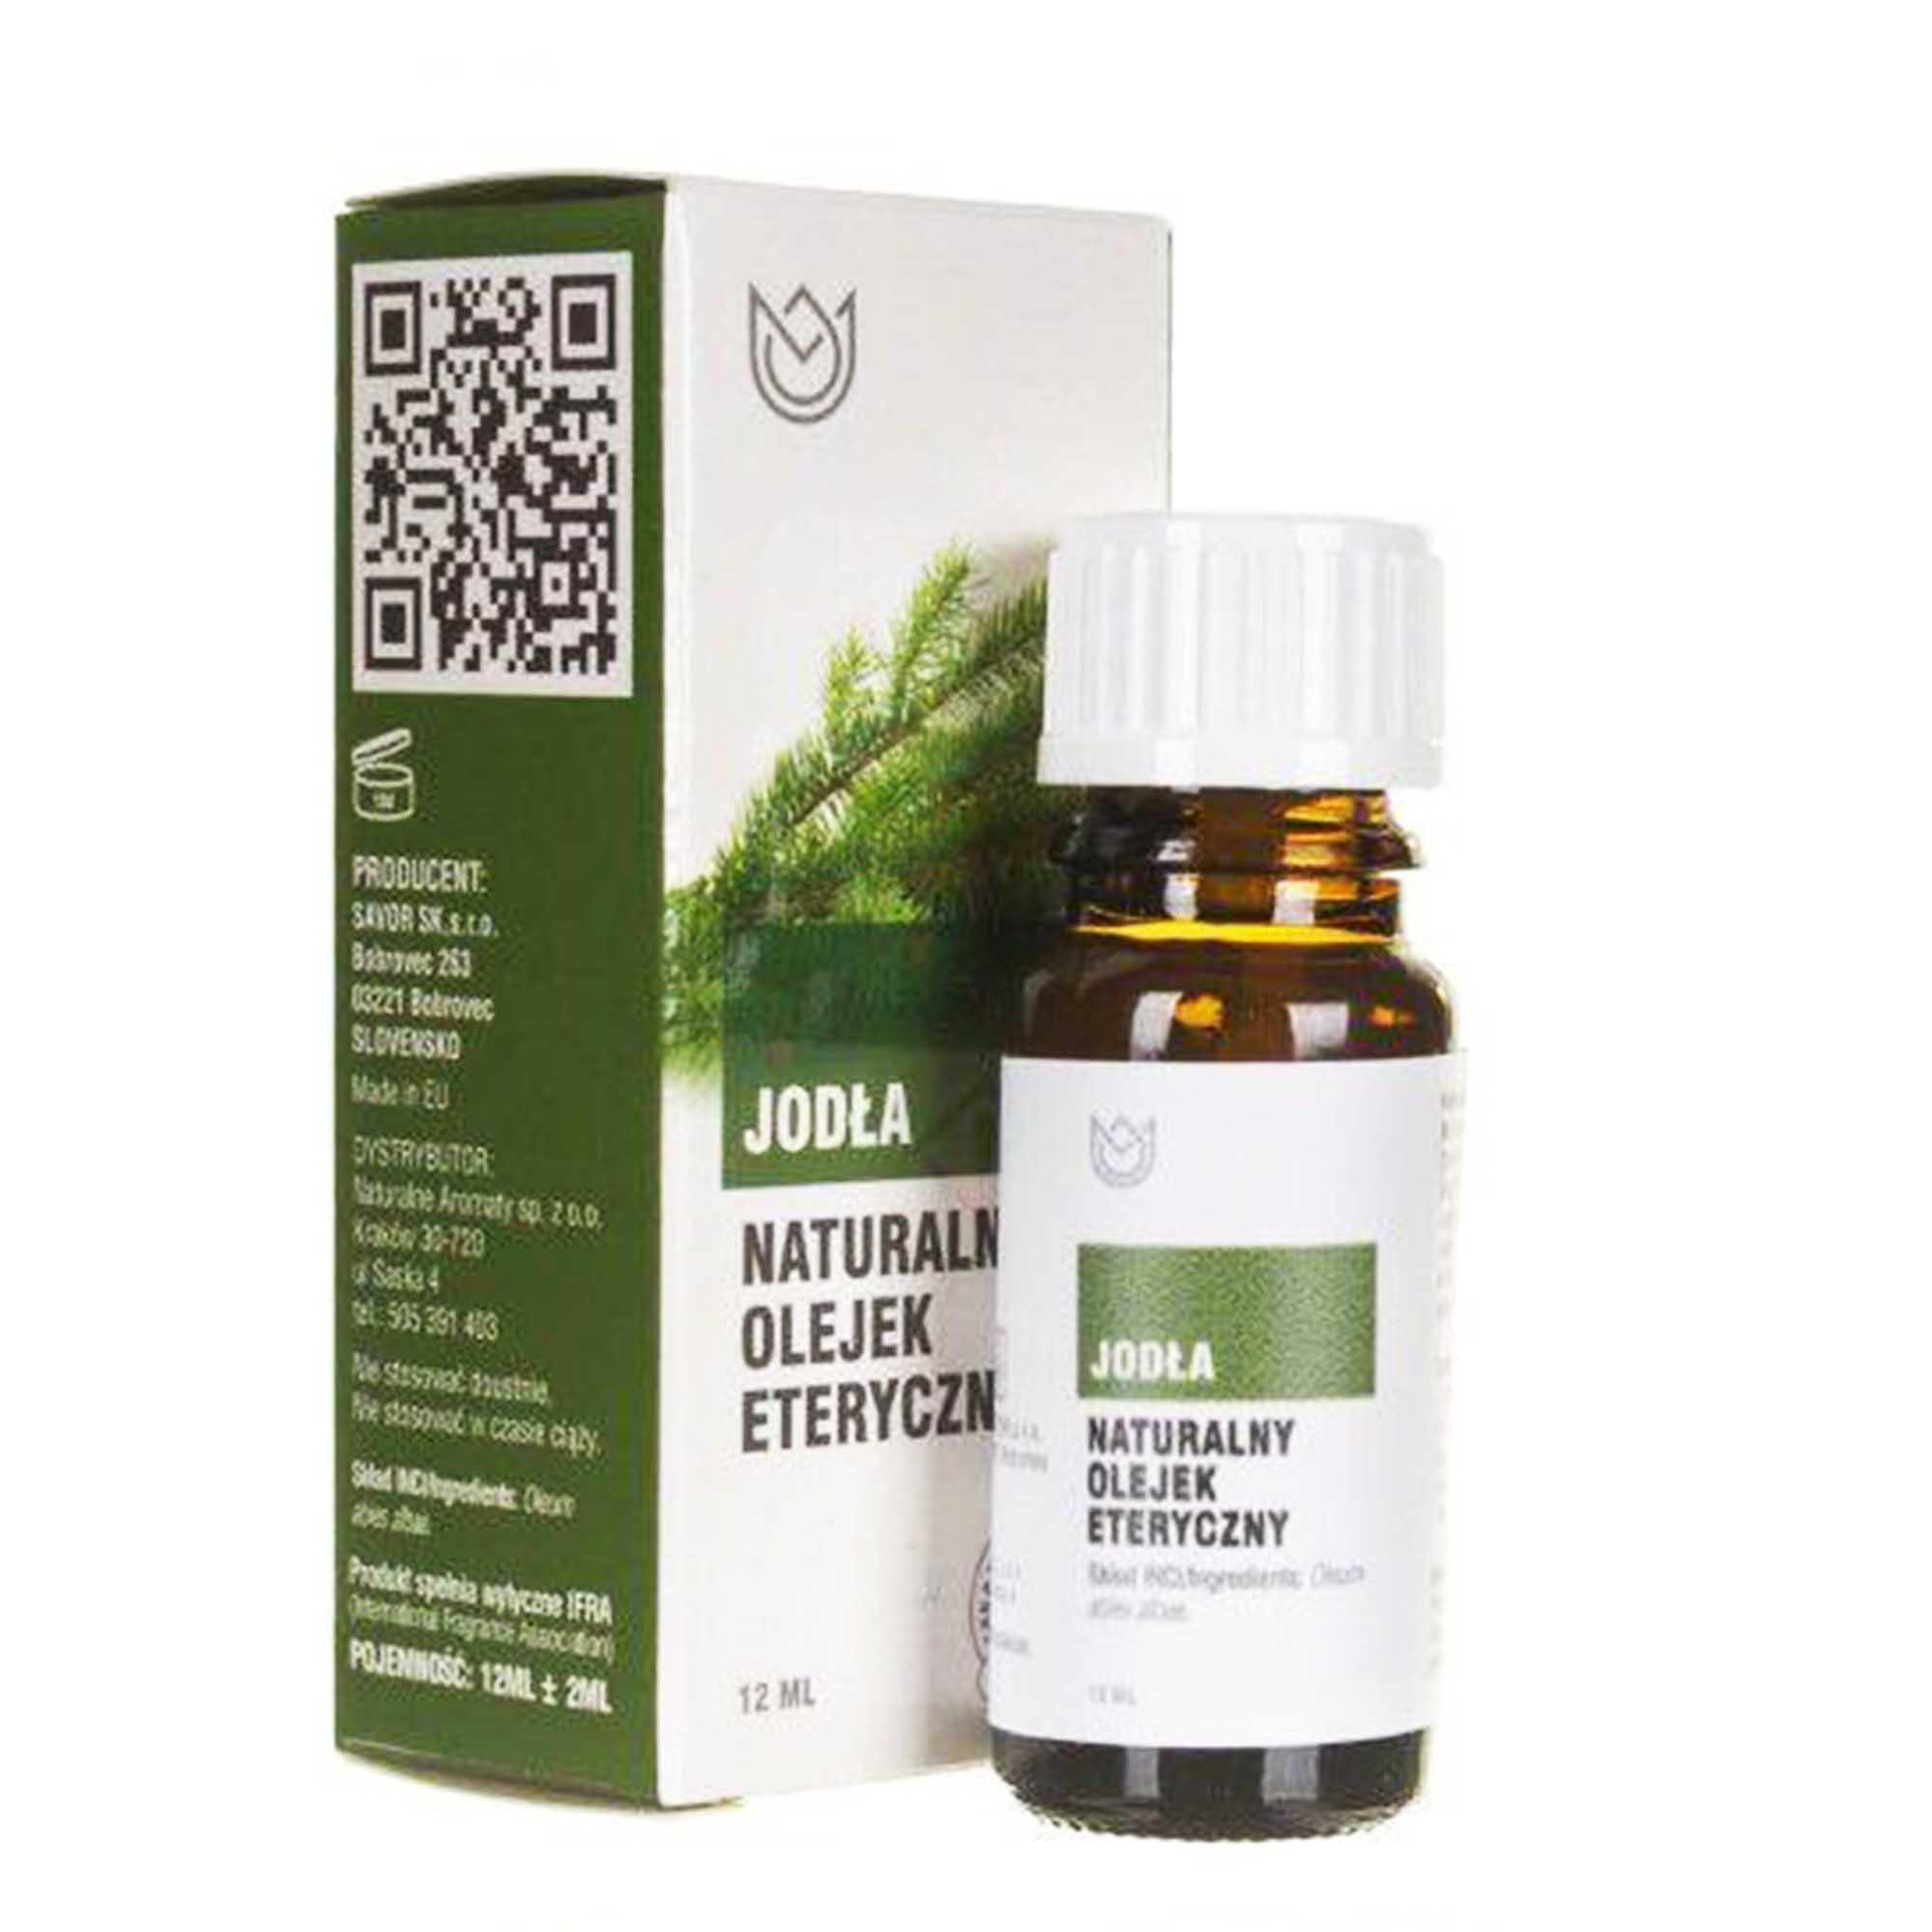 NATURALNE OLEJKI ETERYCZNE zestaw 9szt lecznicze Rodzaj olejku inny